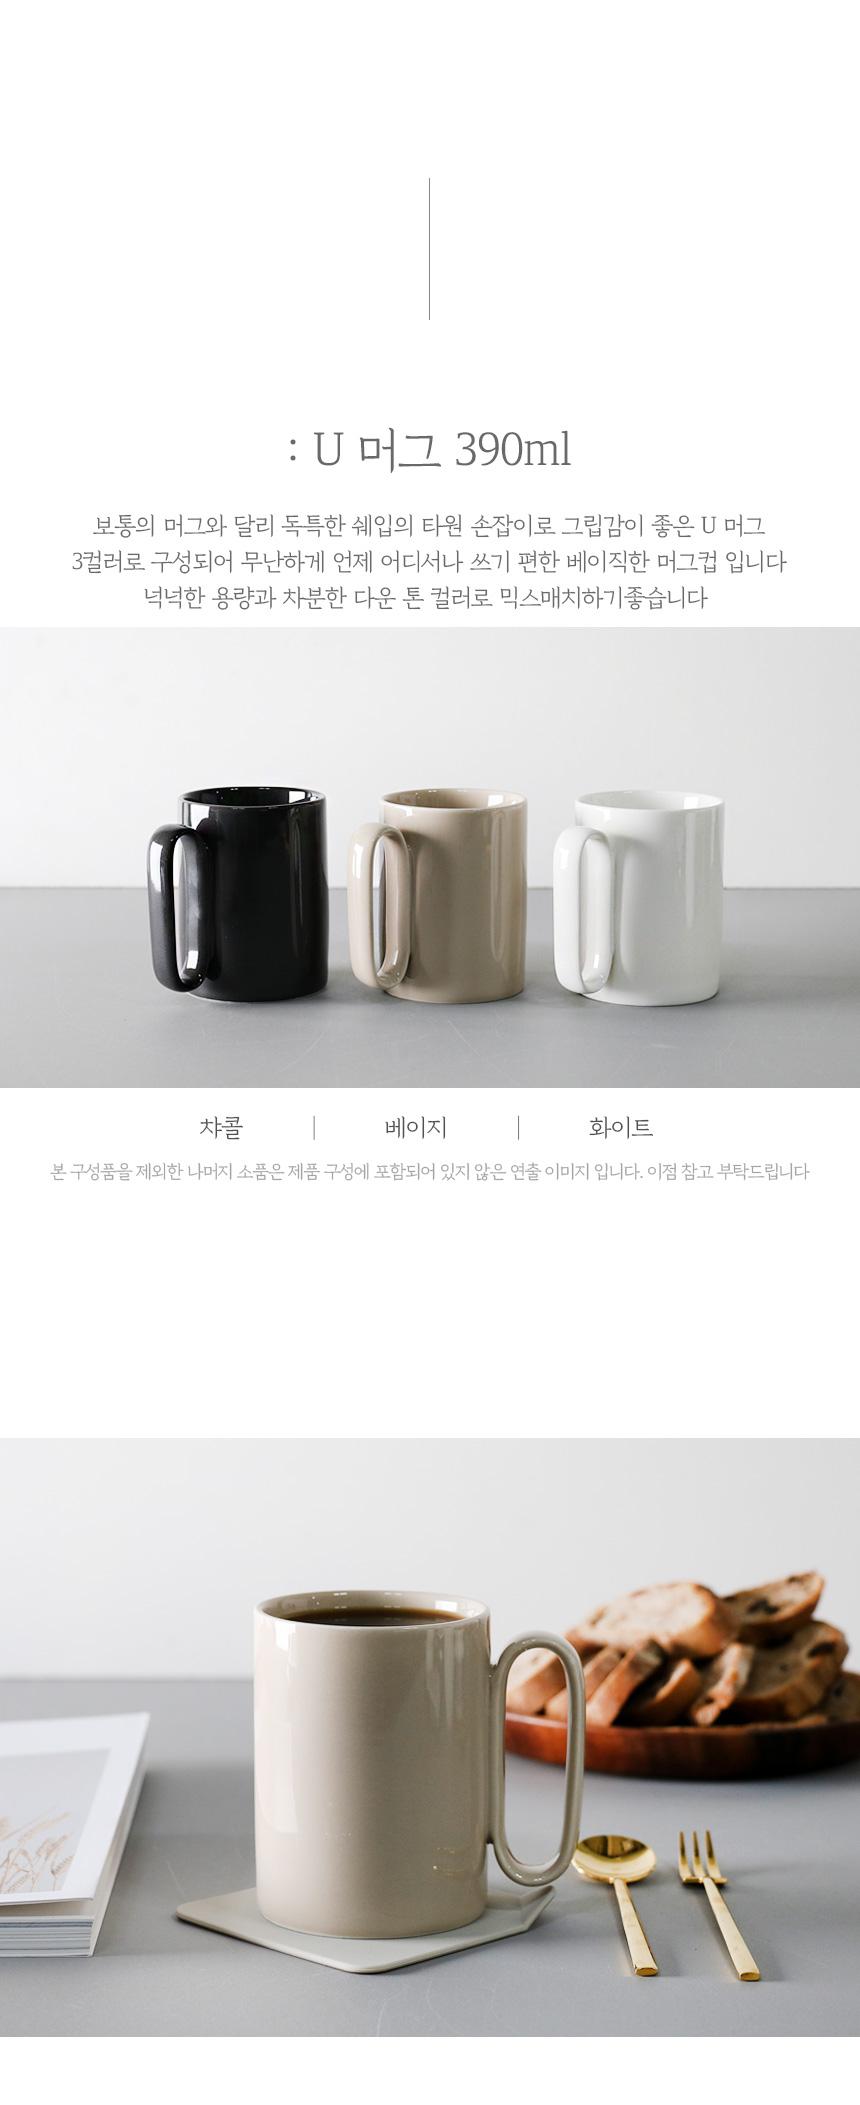 도자기 U 머그컵 390ml 3종 선택 - 키친몰링, 4,900원, 머그컵, 심플머그